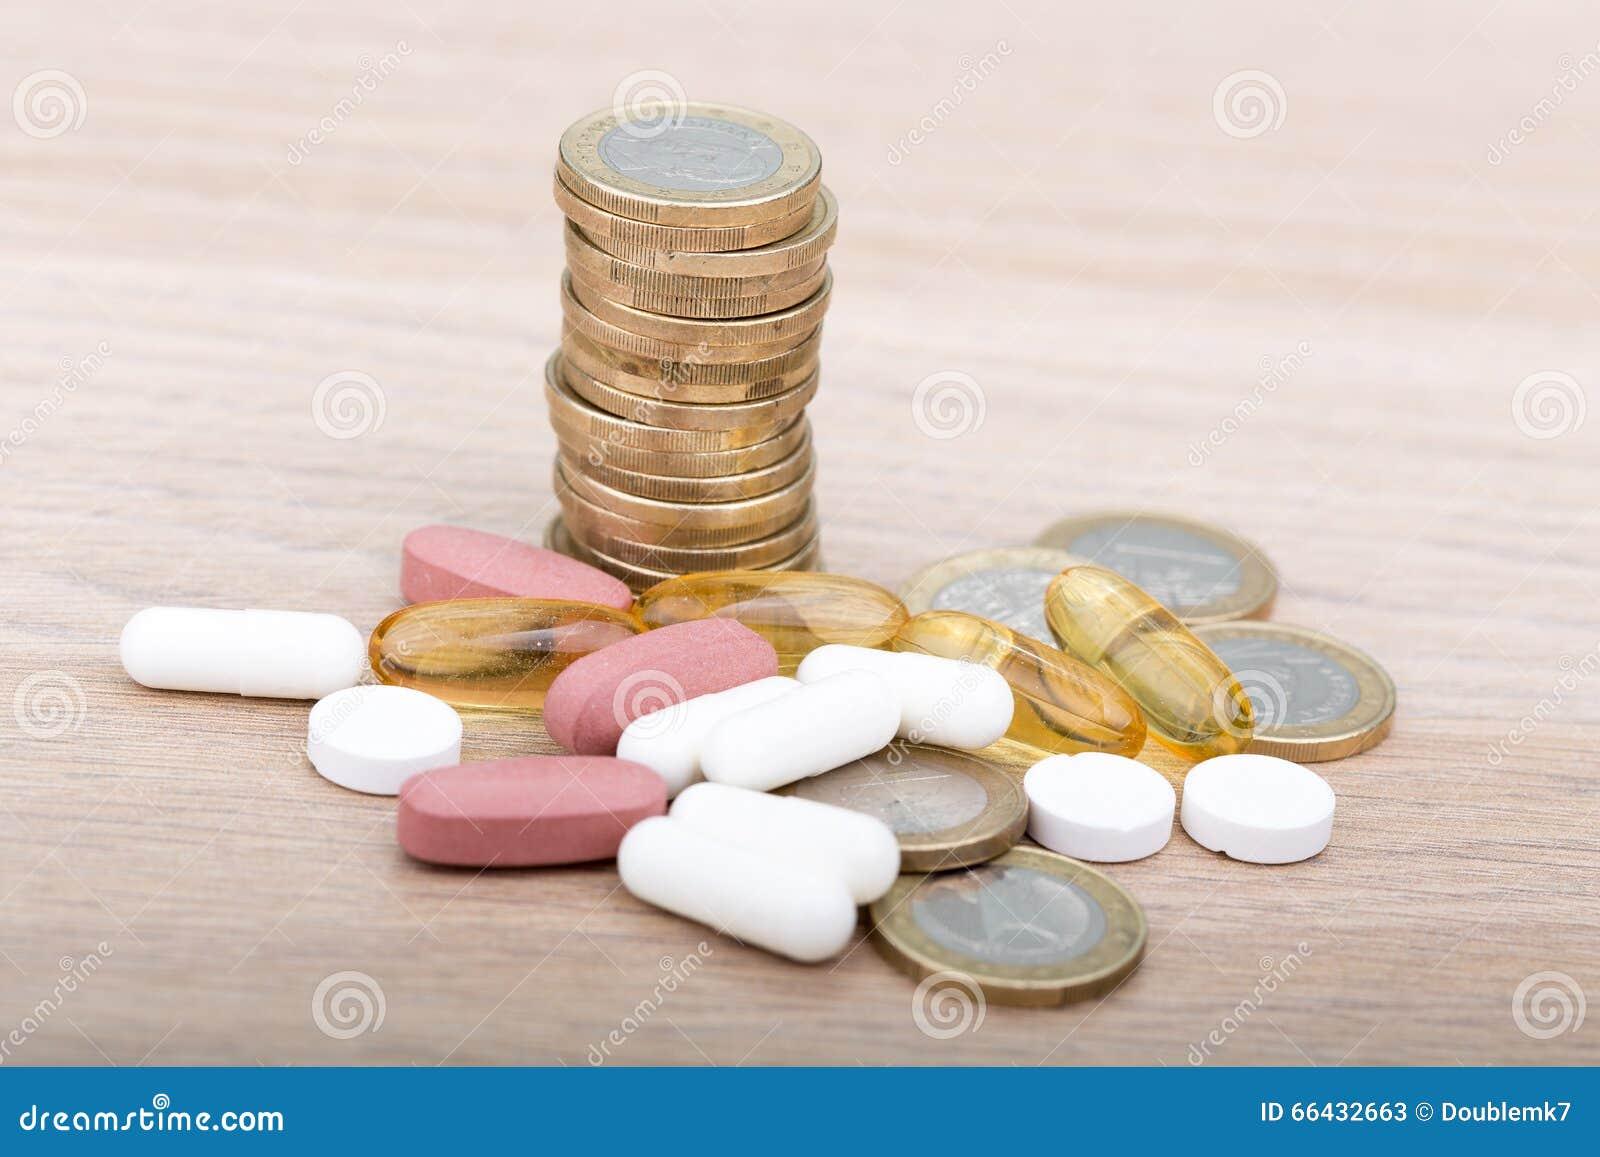 Stapel Münzen Zwischen Kapseln Und Pillen Stockbild Bild Von